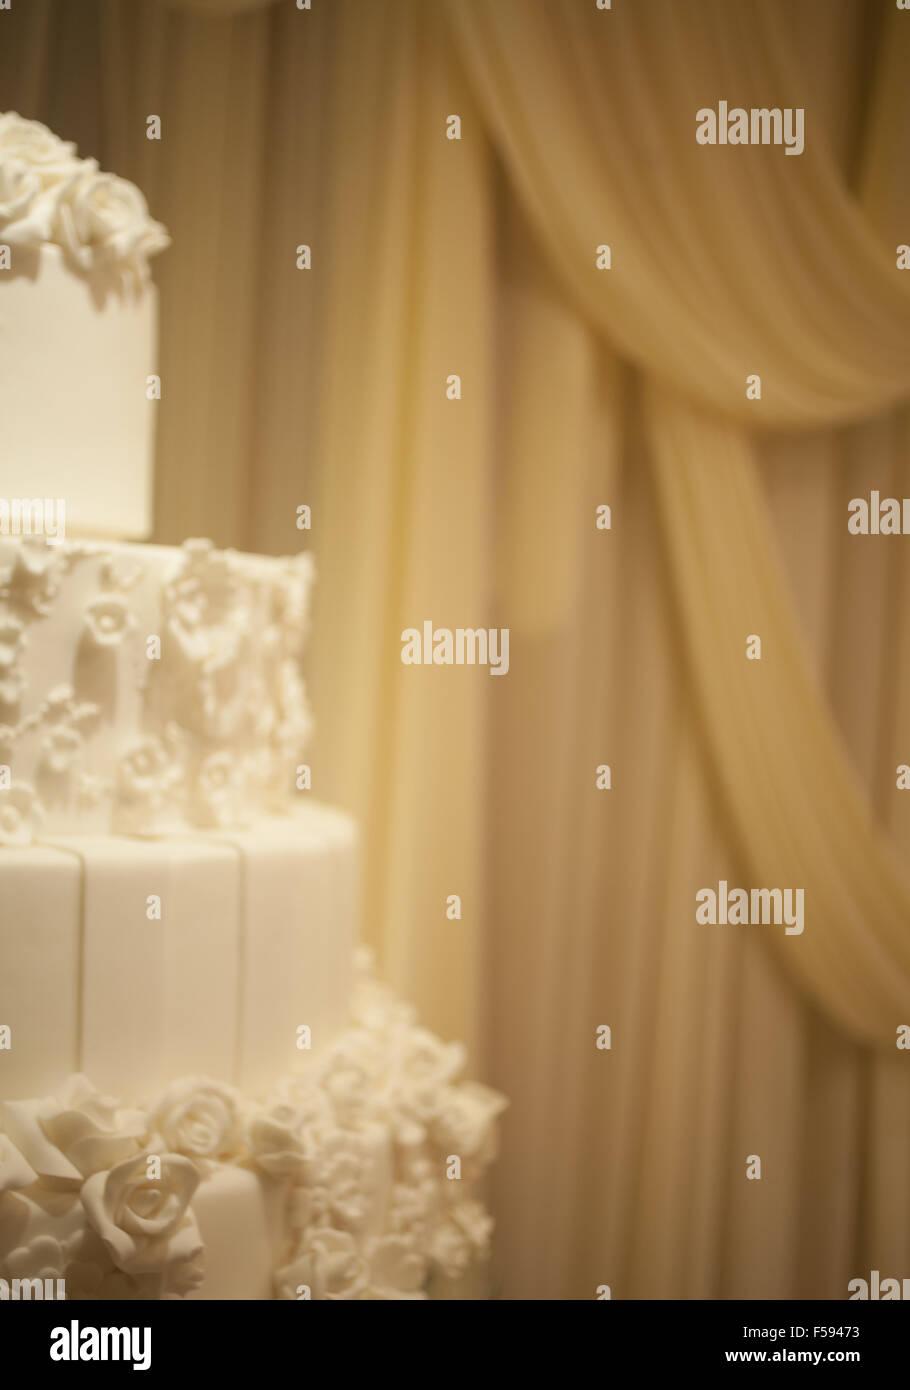 Chinese Wedding Cake Stock Photos & Chinese Wedding Cake Stock ...